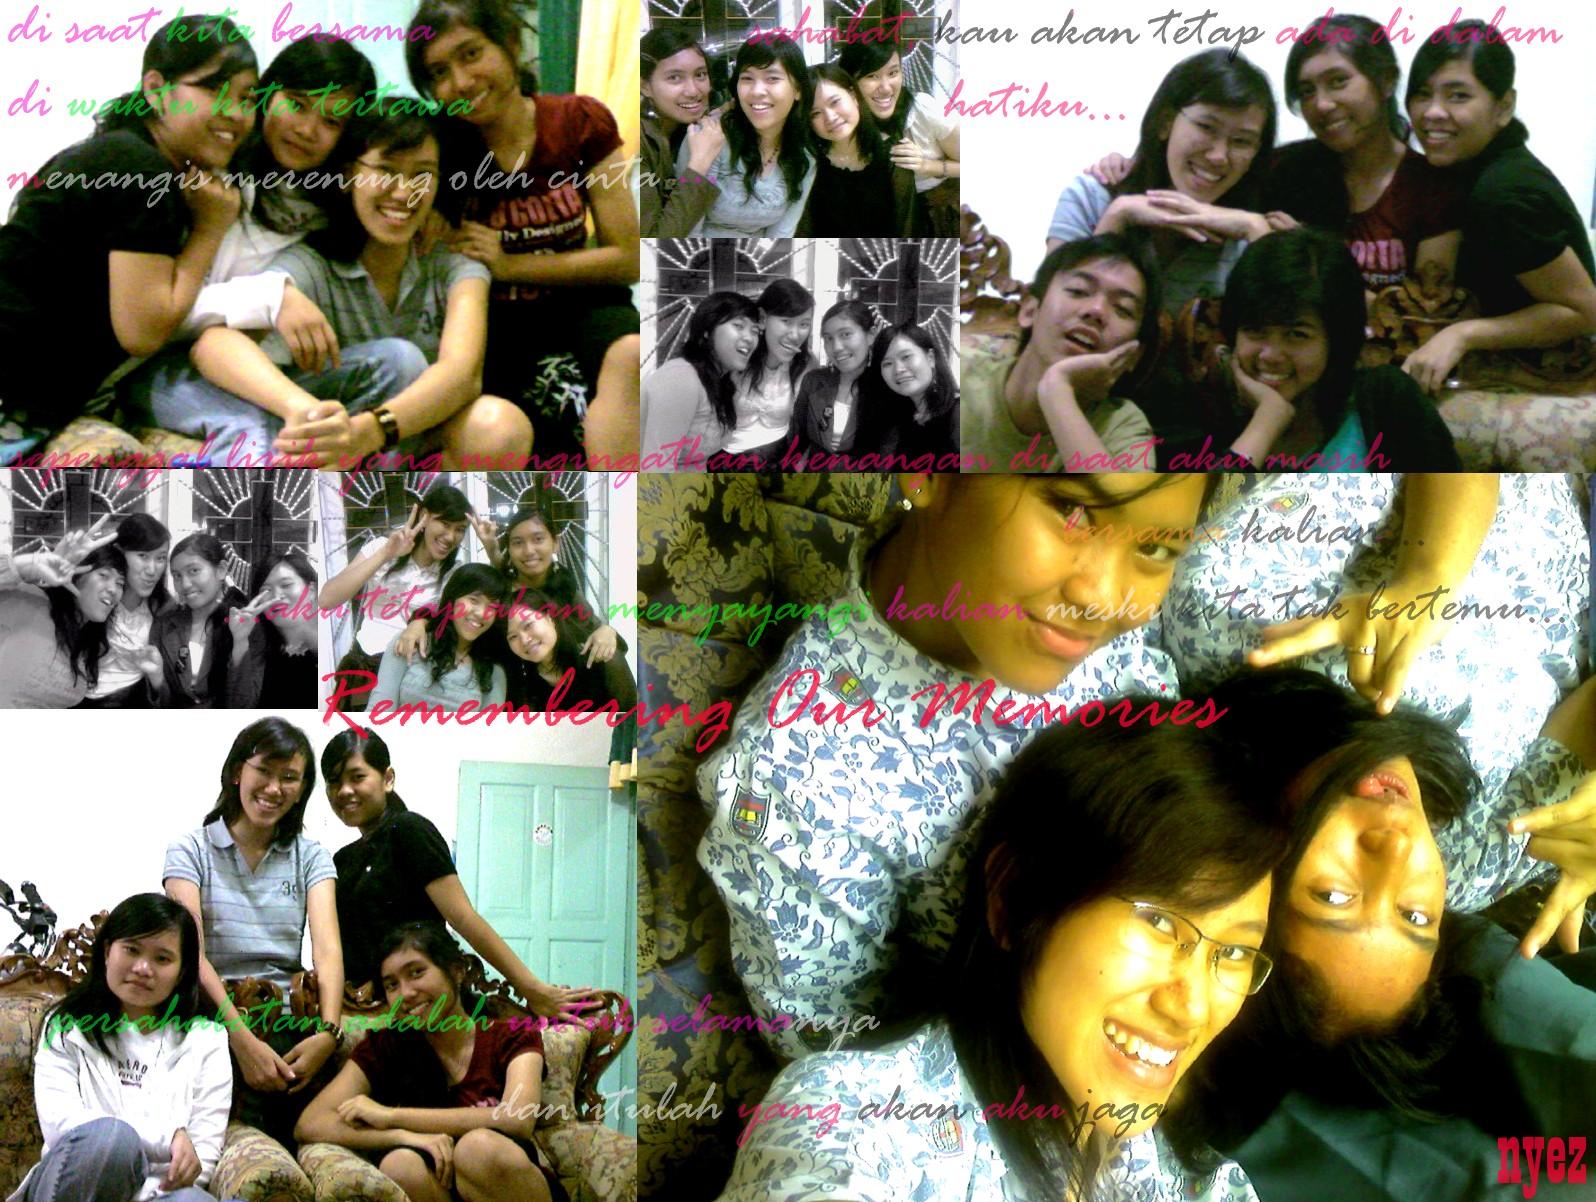 http://1.bp.blogspot.com/_Cex3RpBNv-E/S8buIJjo59I/AAAAAAAAAU4/gCd7PxhUWzU/s1600/remembering+our+memories.jpg